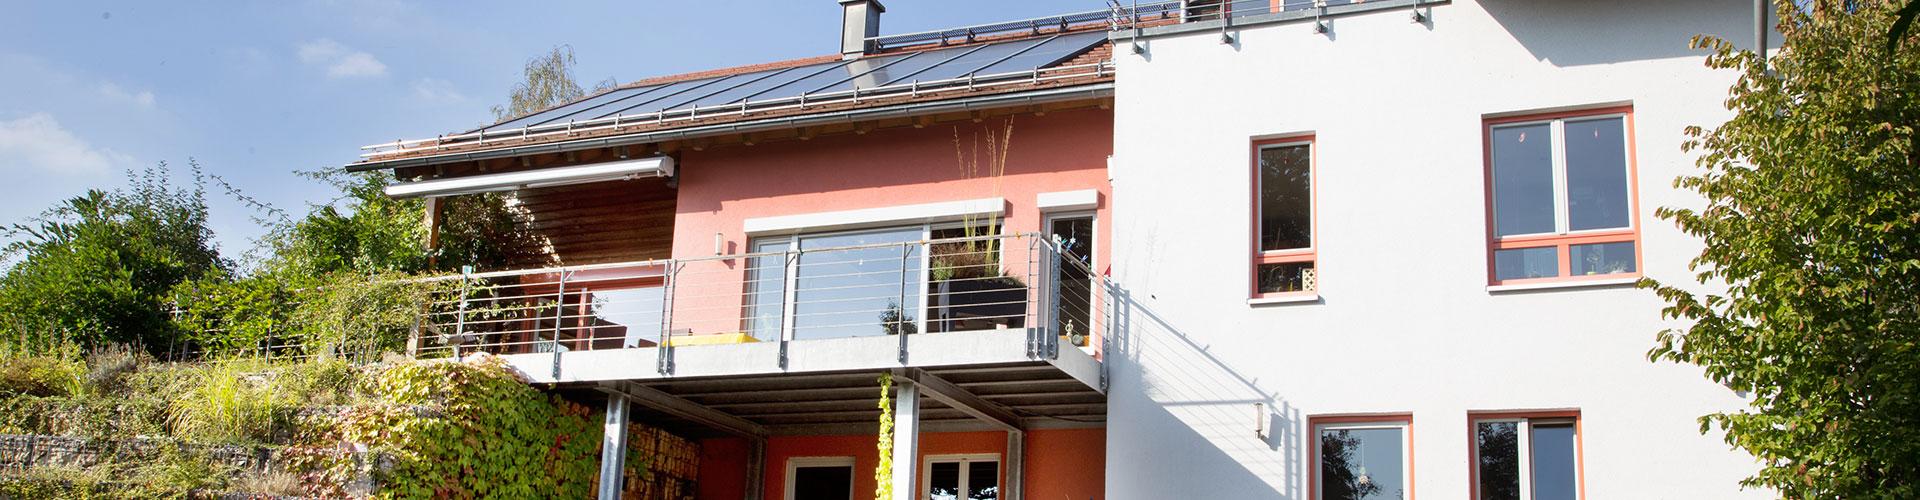 Architektur Renate Peiffer Projekte